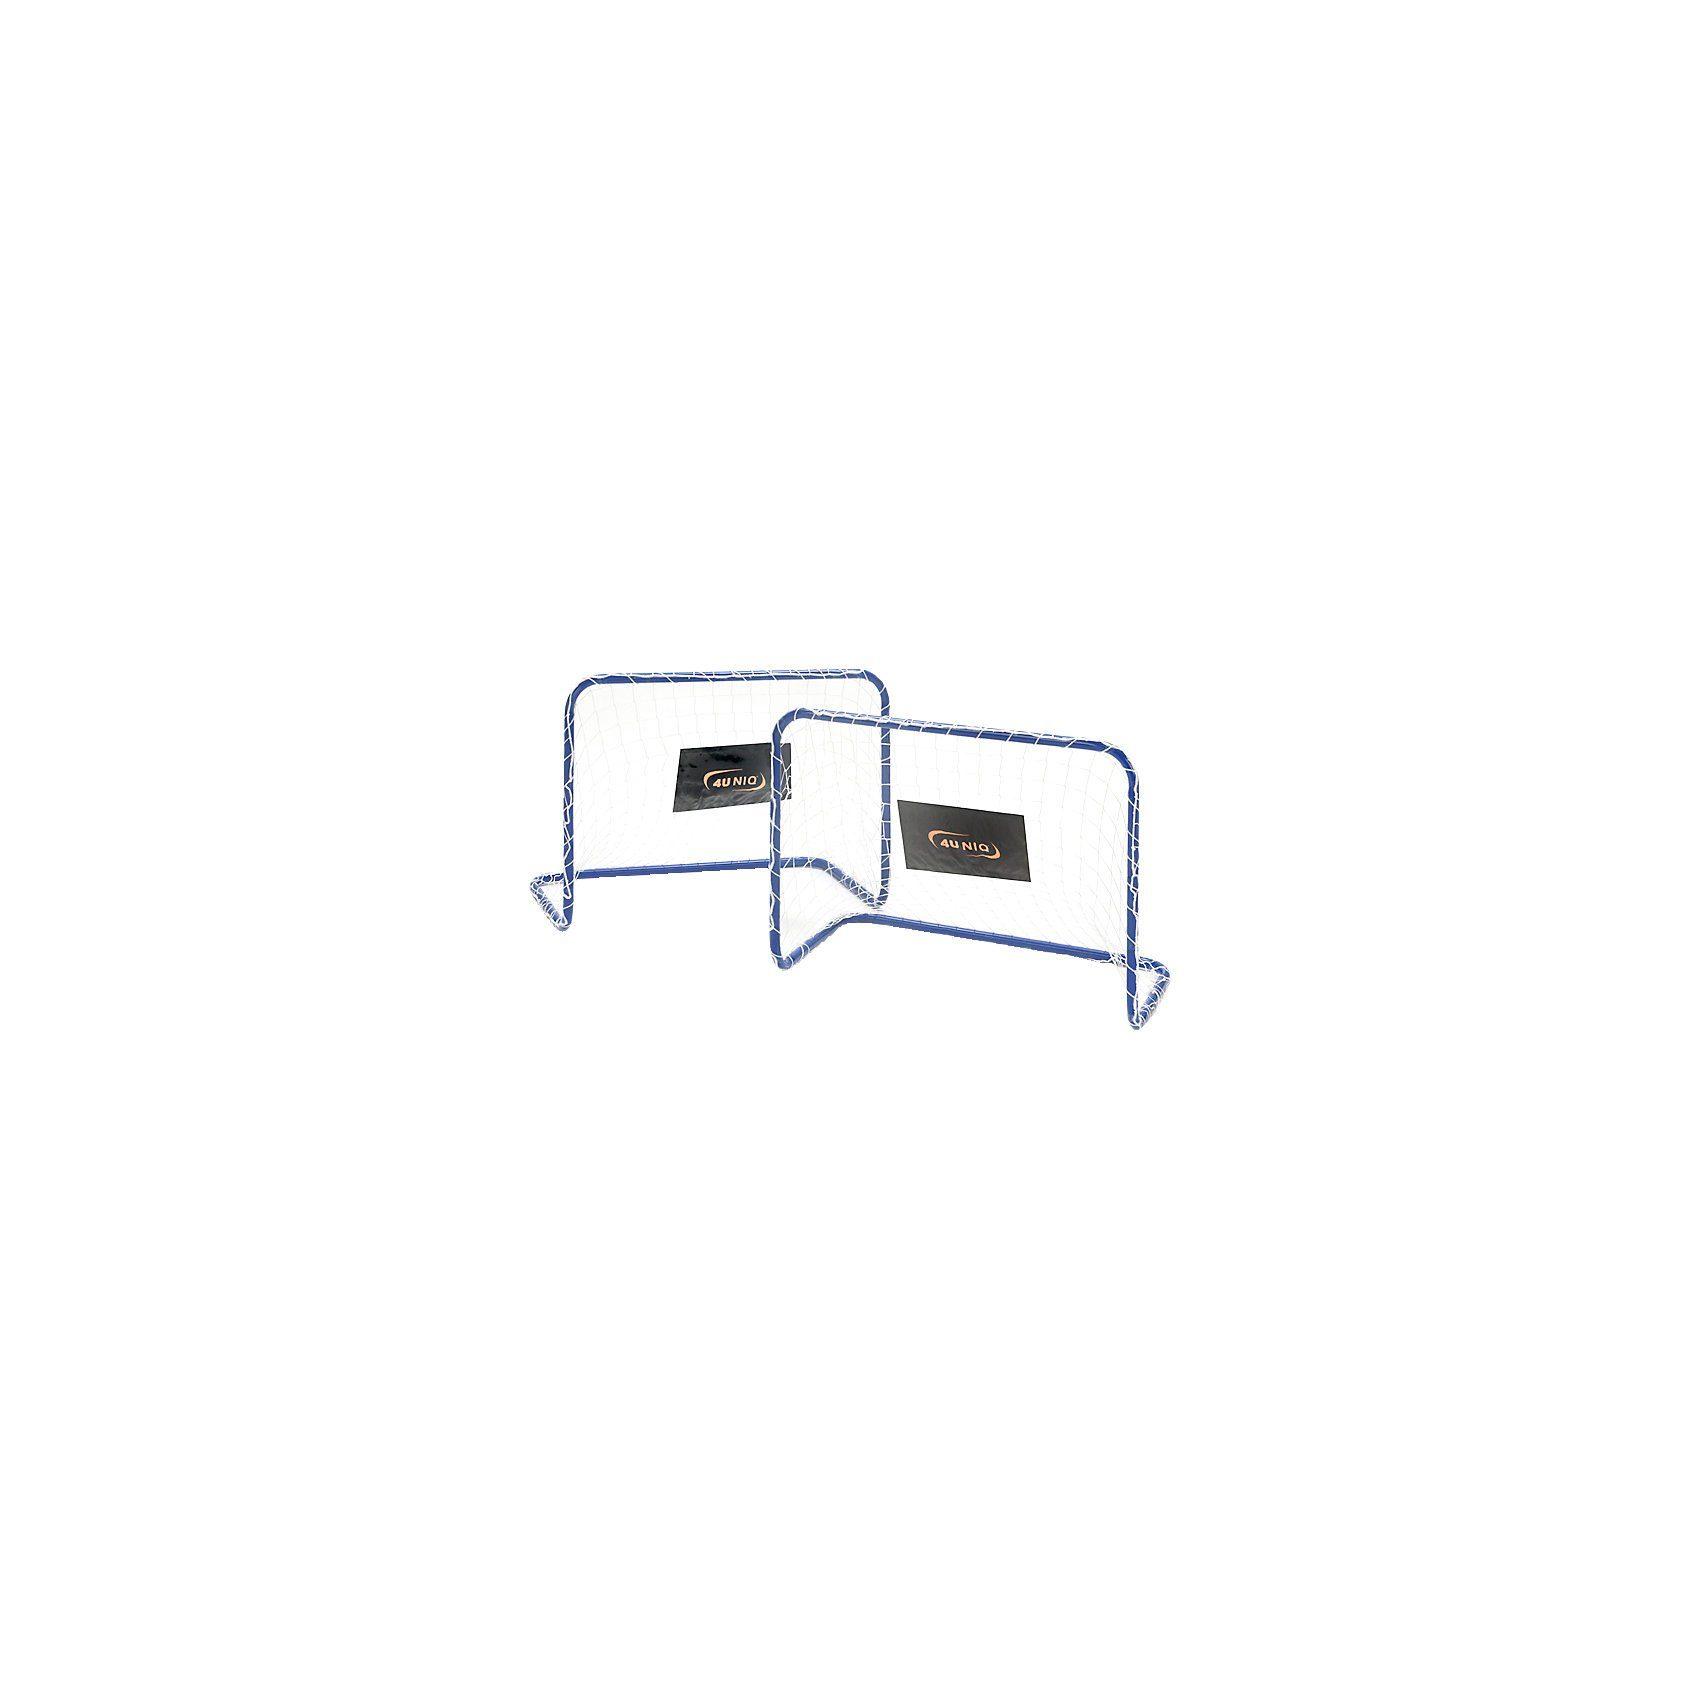 4UNIQ Minitor Set 78 cm, 2er Set